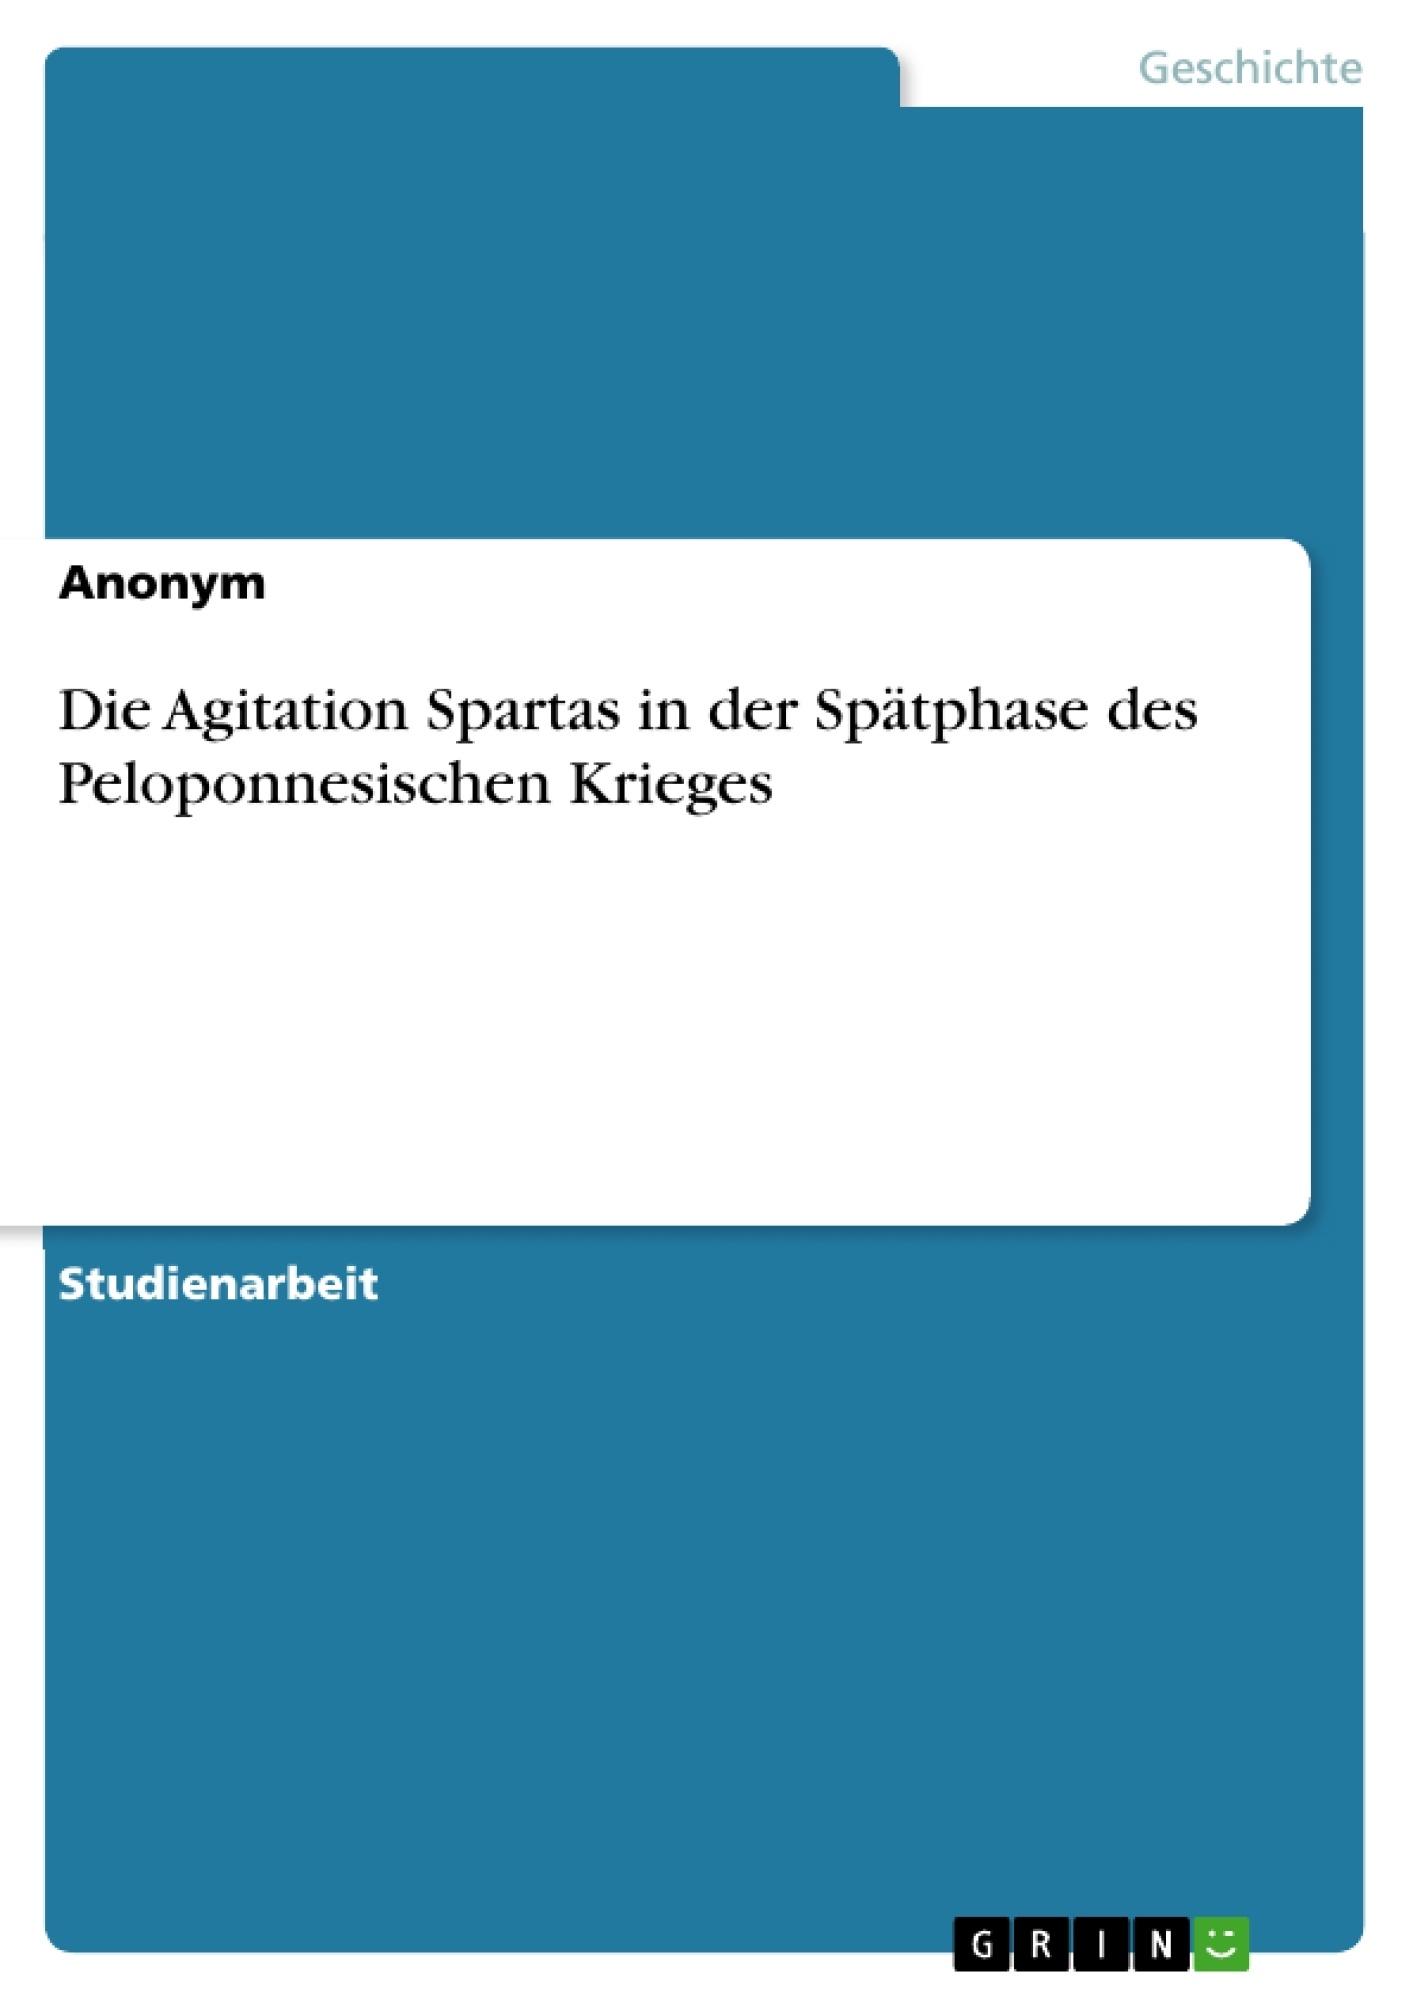 Titel: Die Agitation Spartas in der Spätphase des Peloponnesischen Krieges